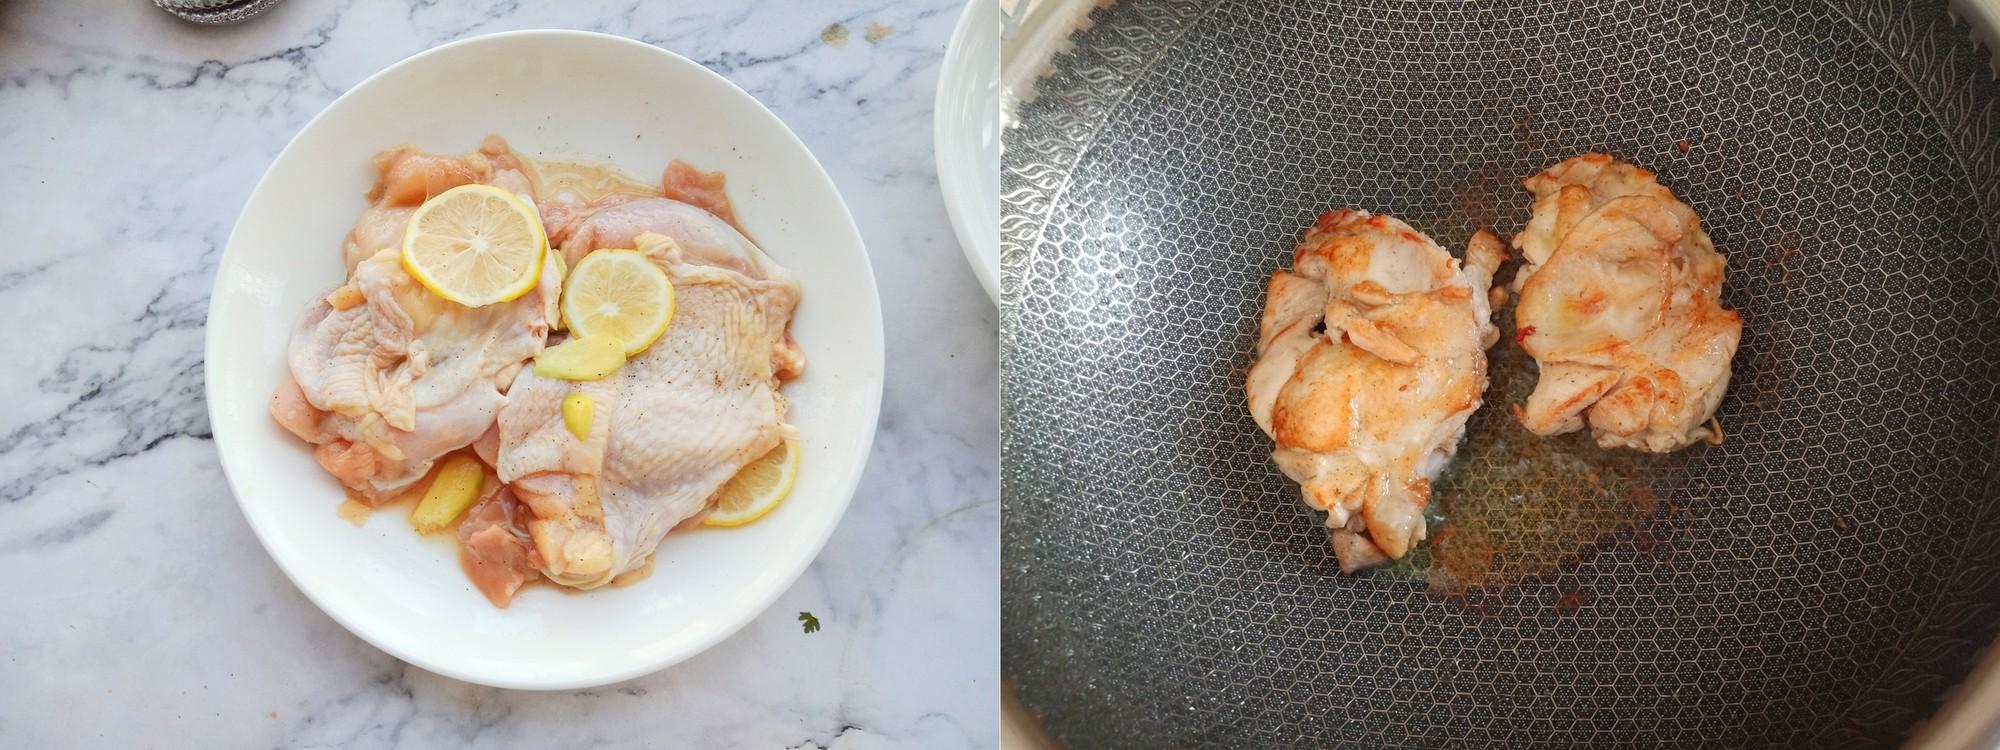 Món ngon mới toanh từ thịt gà đổi món cho cả nhà dịp cuối tuần-2